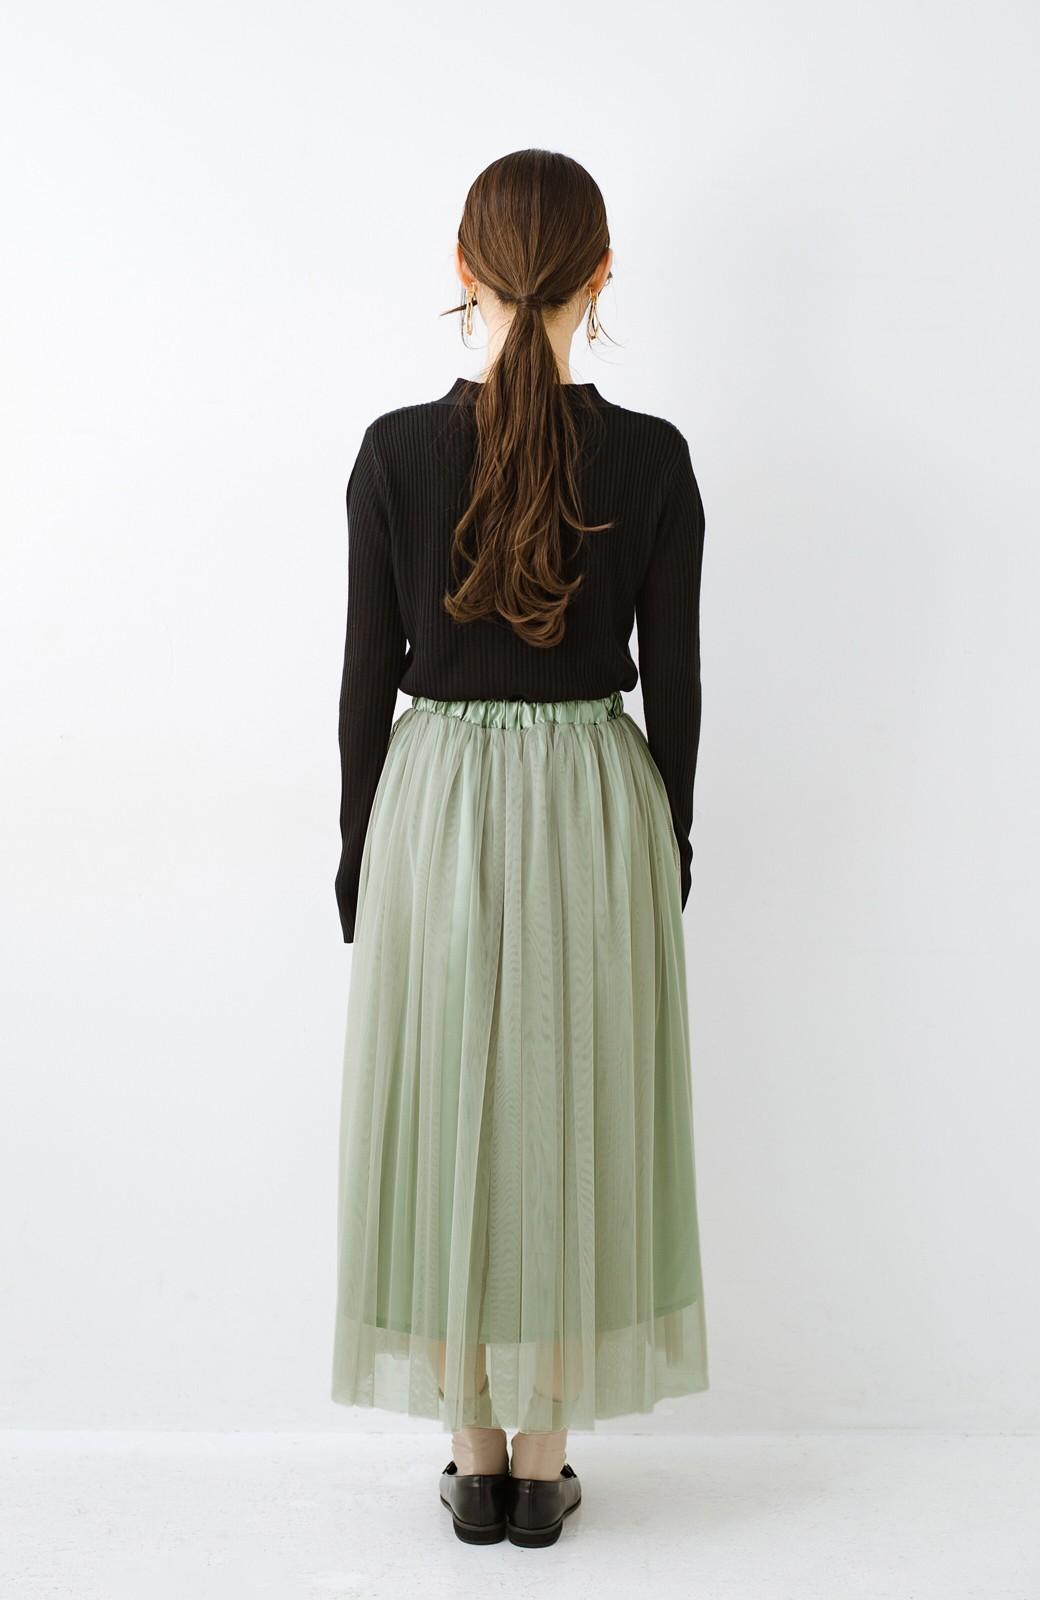 haco! 着るだけでルンとした気分になる! 長ーーい季節着られてずっと使えるオトナのためのチュールスカート <グリーン>の商品写真17